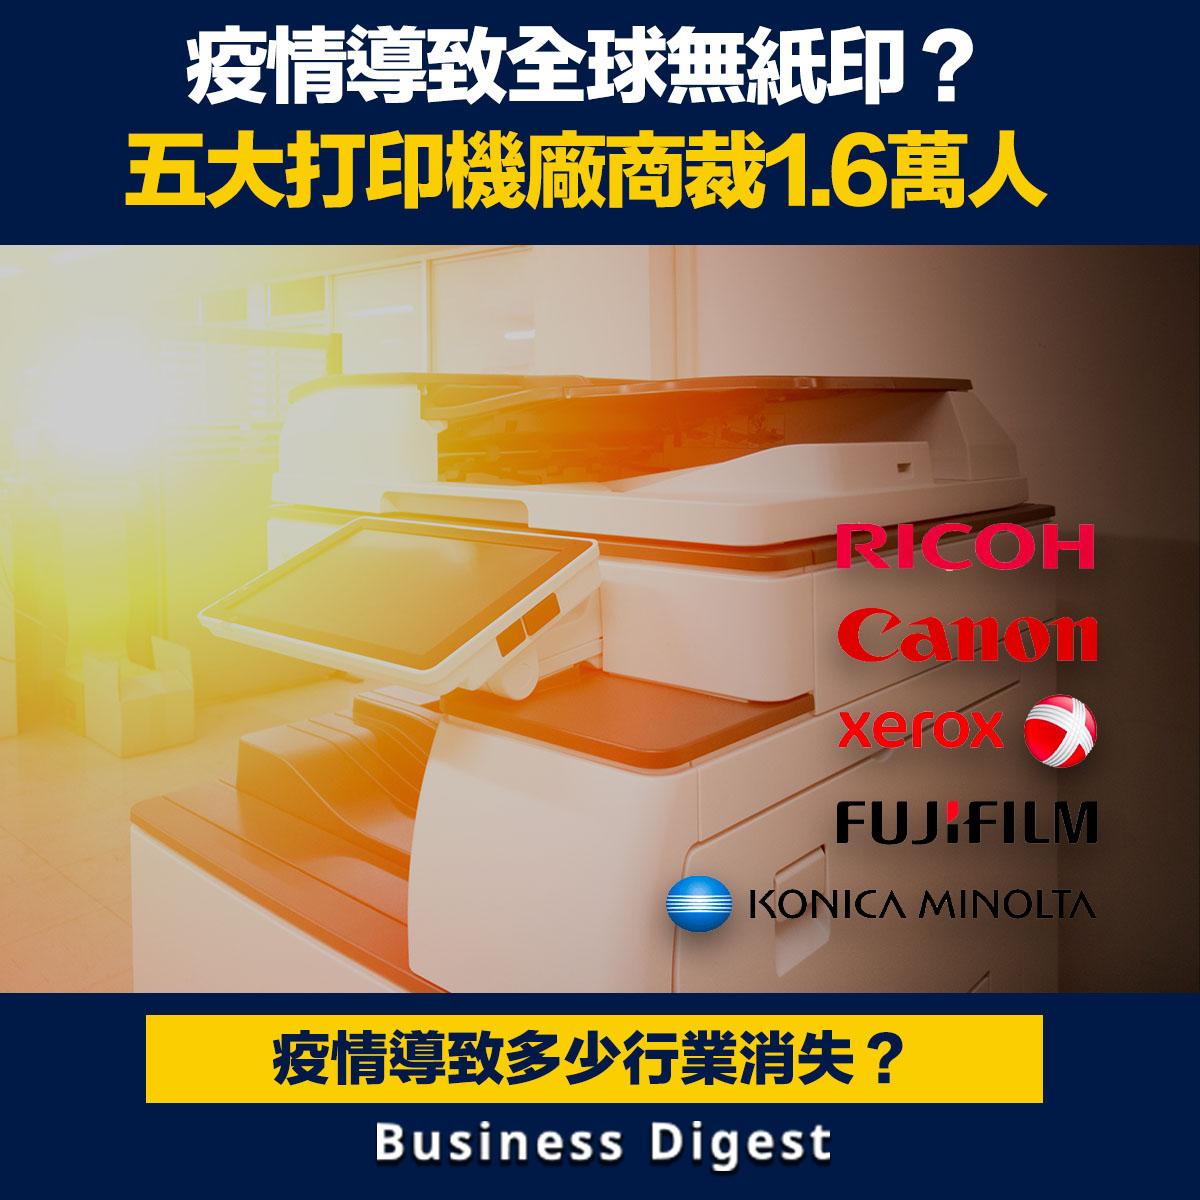 截止今年九月,理光(Ricoh)、佳能(Canon)及美國全錄(Xerox)等五大辦公室設備廠商,已裁員約1.6萬人